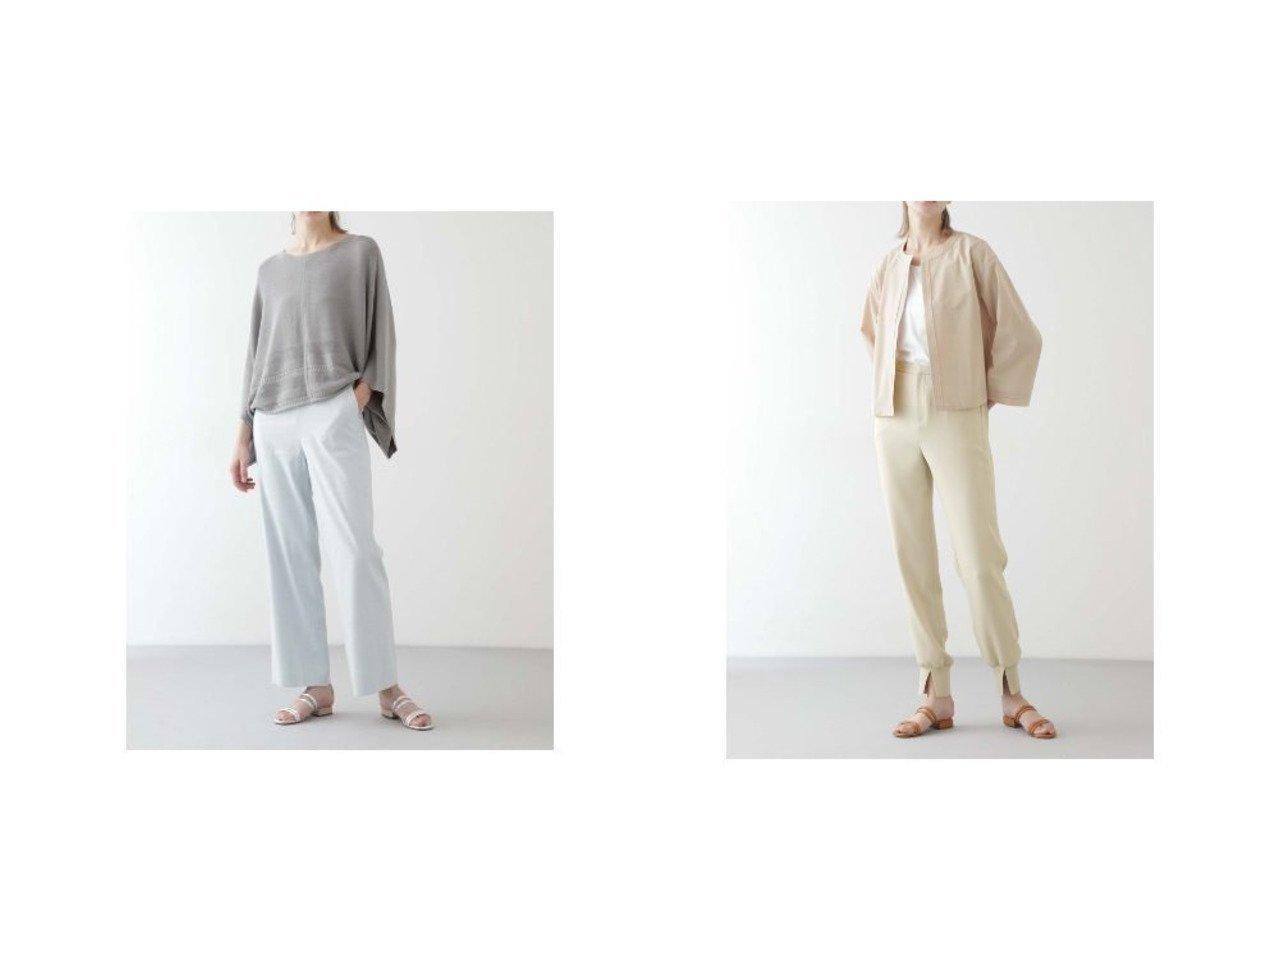 【BOSCH/ボッシュ】の麻/Visハイウエストストレートパンツ&ジョガーパンツ パンツのおすすめ!人気、トレンド・レディースファッションの通販 おすすめで人気の流行・トレンド、ファッションの通販商品 メンズファッション・キッズファッション・インテリア・家具・レディースファッション・服の通販 founy(ファニー) https://founy.com/ ファッション Fashion レディースファッション WOMEN パンツ Pants スタンダード ストライプ ストレッチ ストレート セットアップ リネン 春 Spring スリット フロント  ID:crp329100000024963